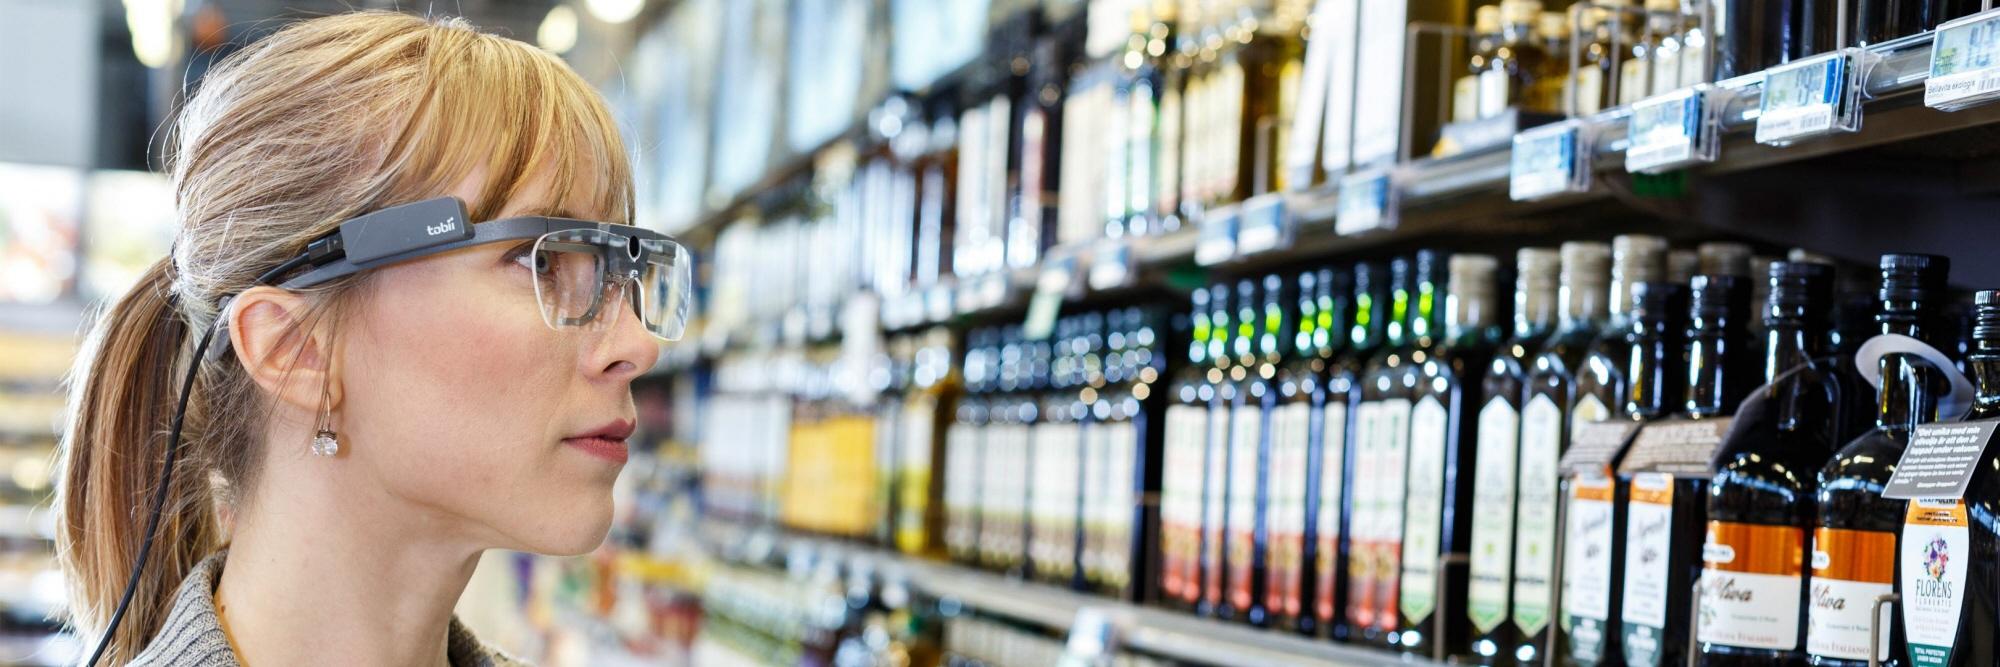 understanding consumers behavior